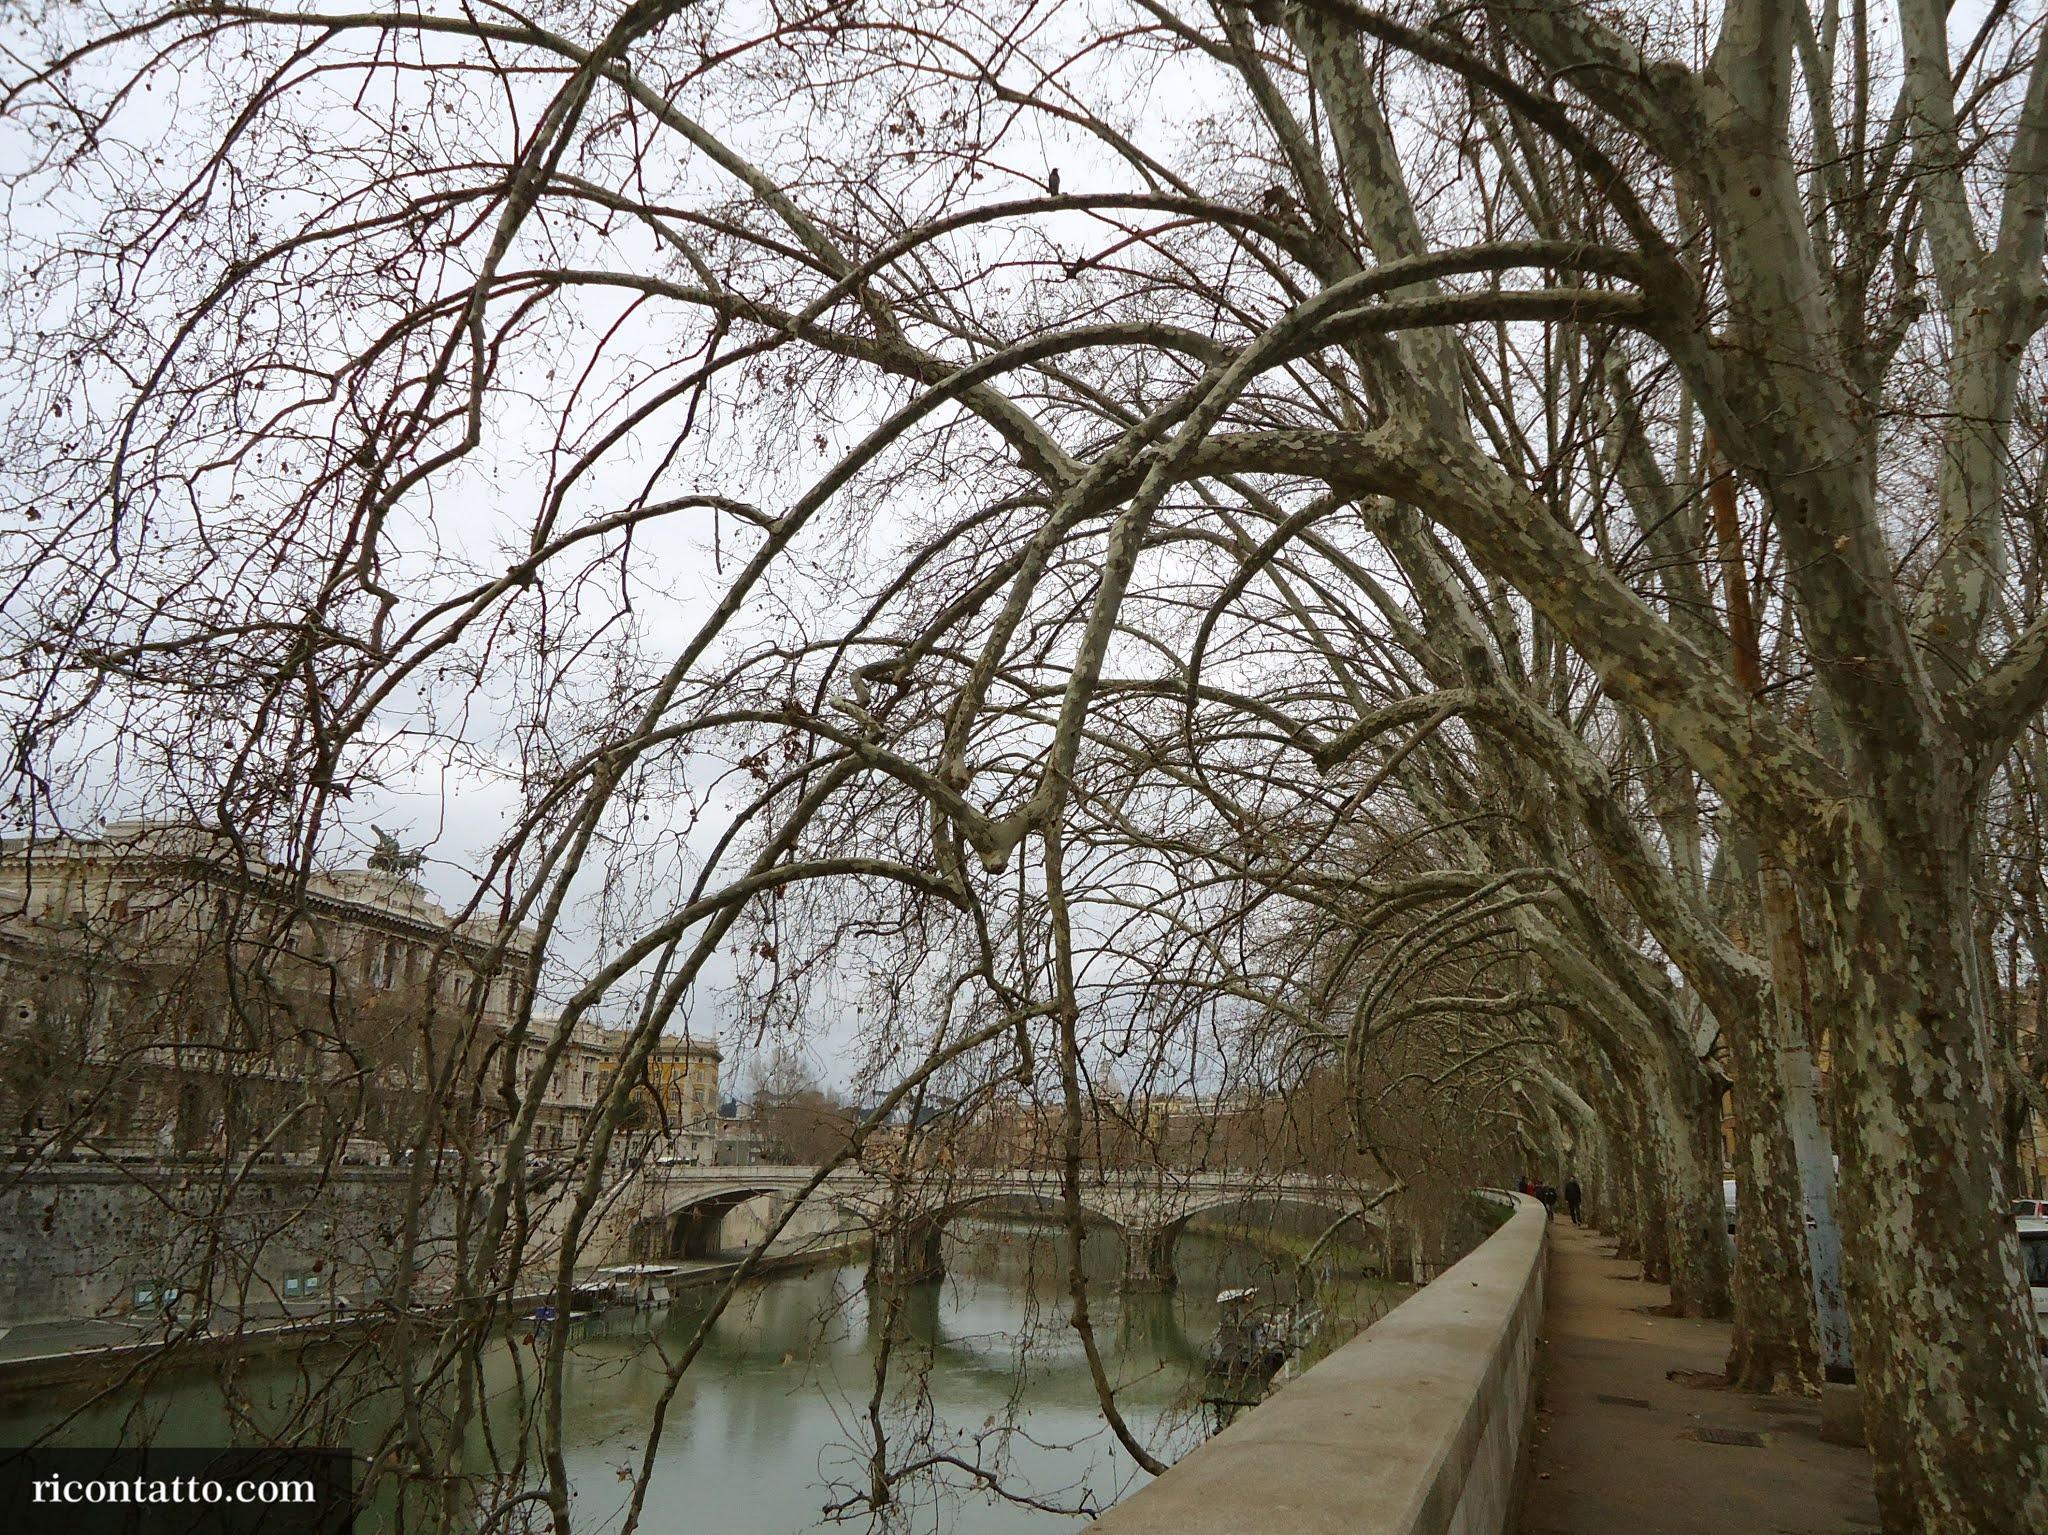 Roma, Lazio, Italy - Photo #02 by Ricontatto.com